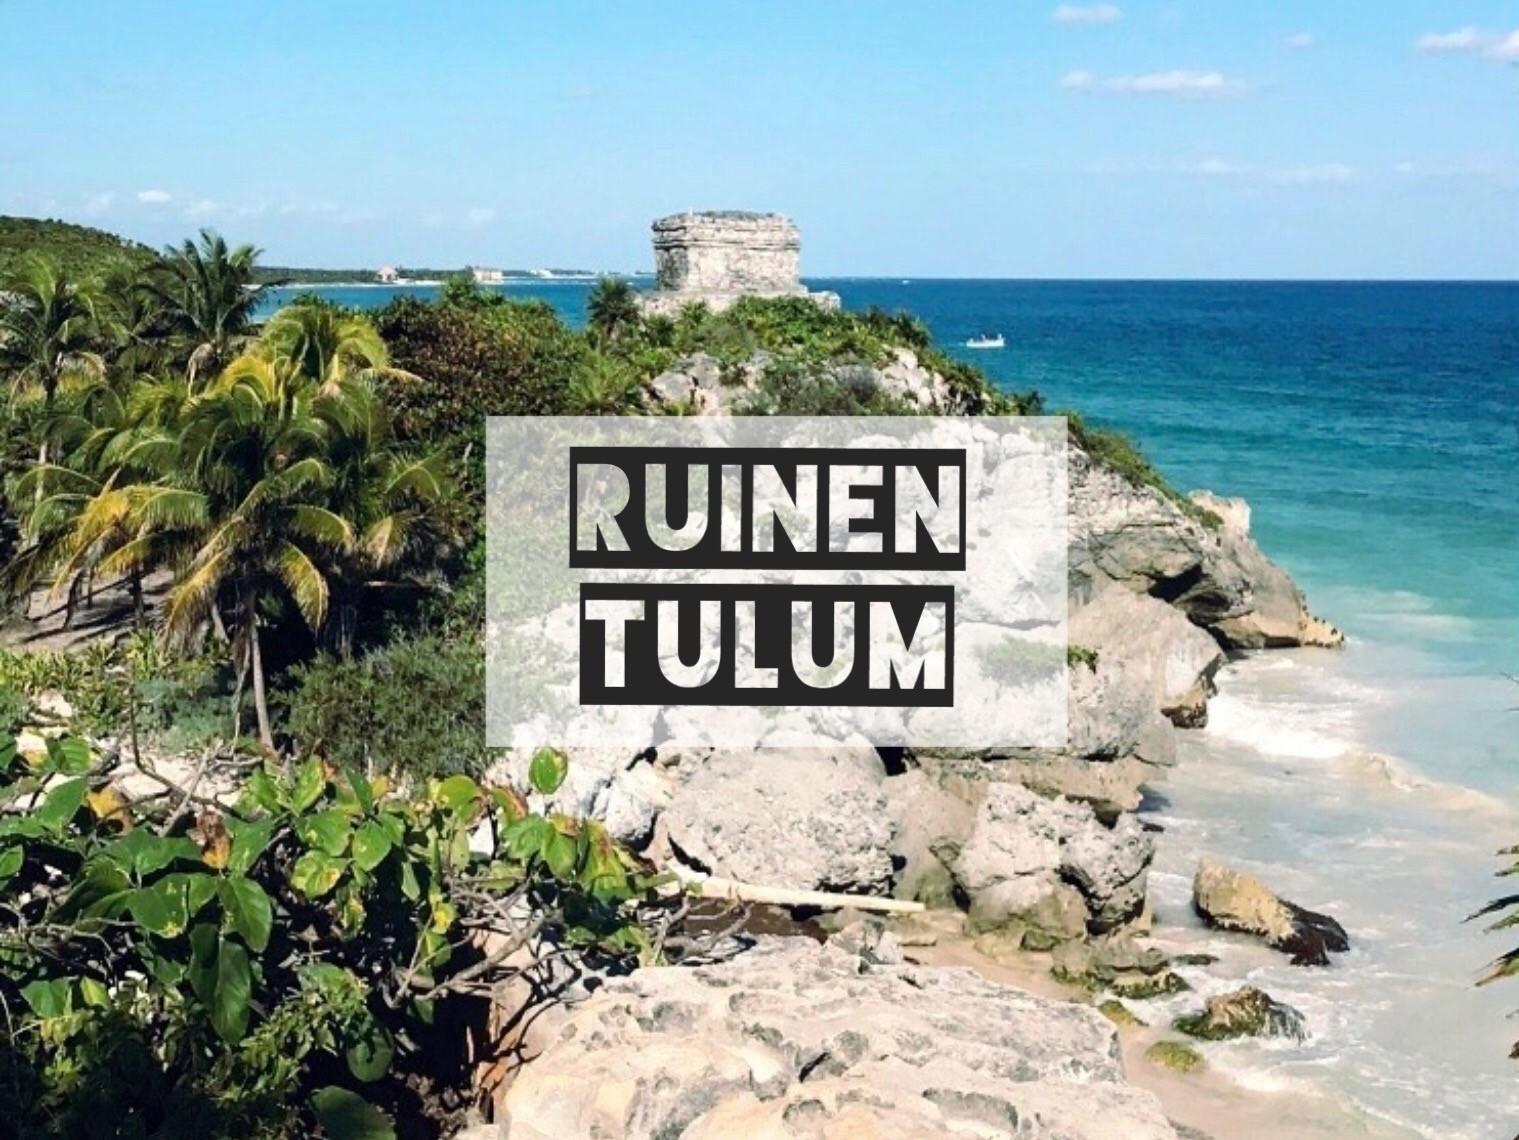 Ruinen Tulum  und Playa Paraiso - antike Maya-Stätte und Traumstrand